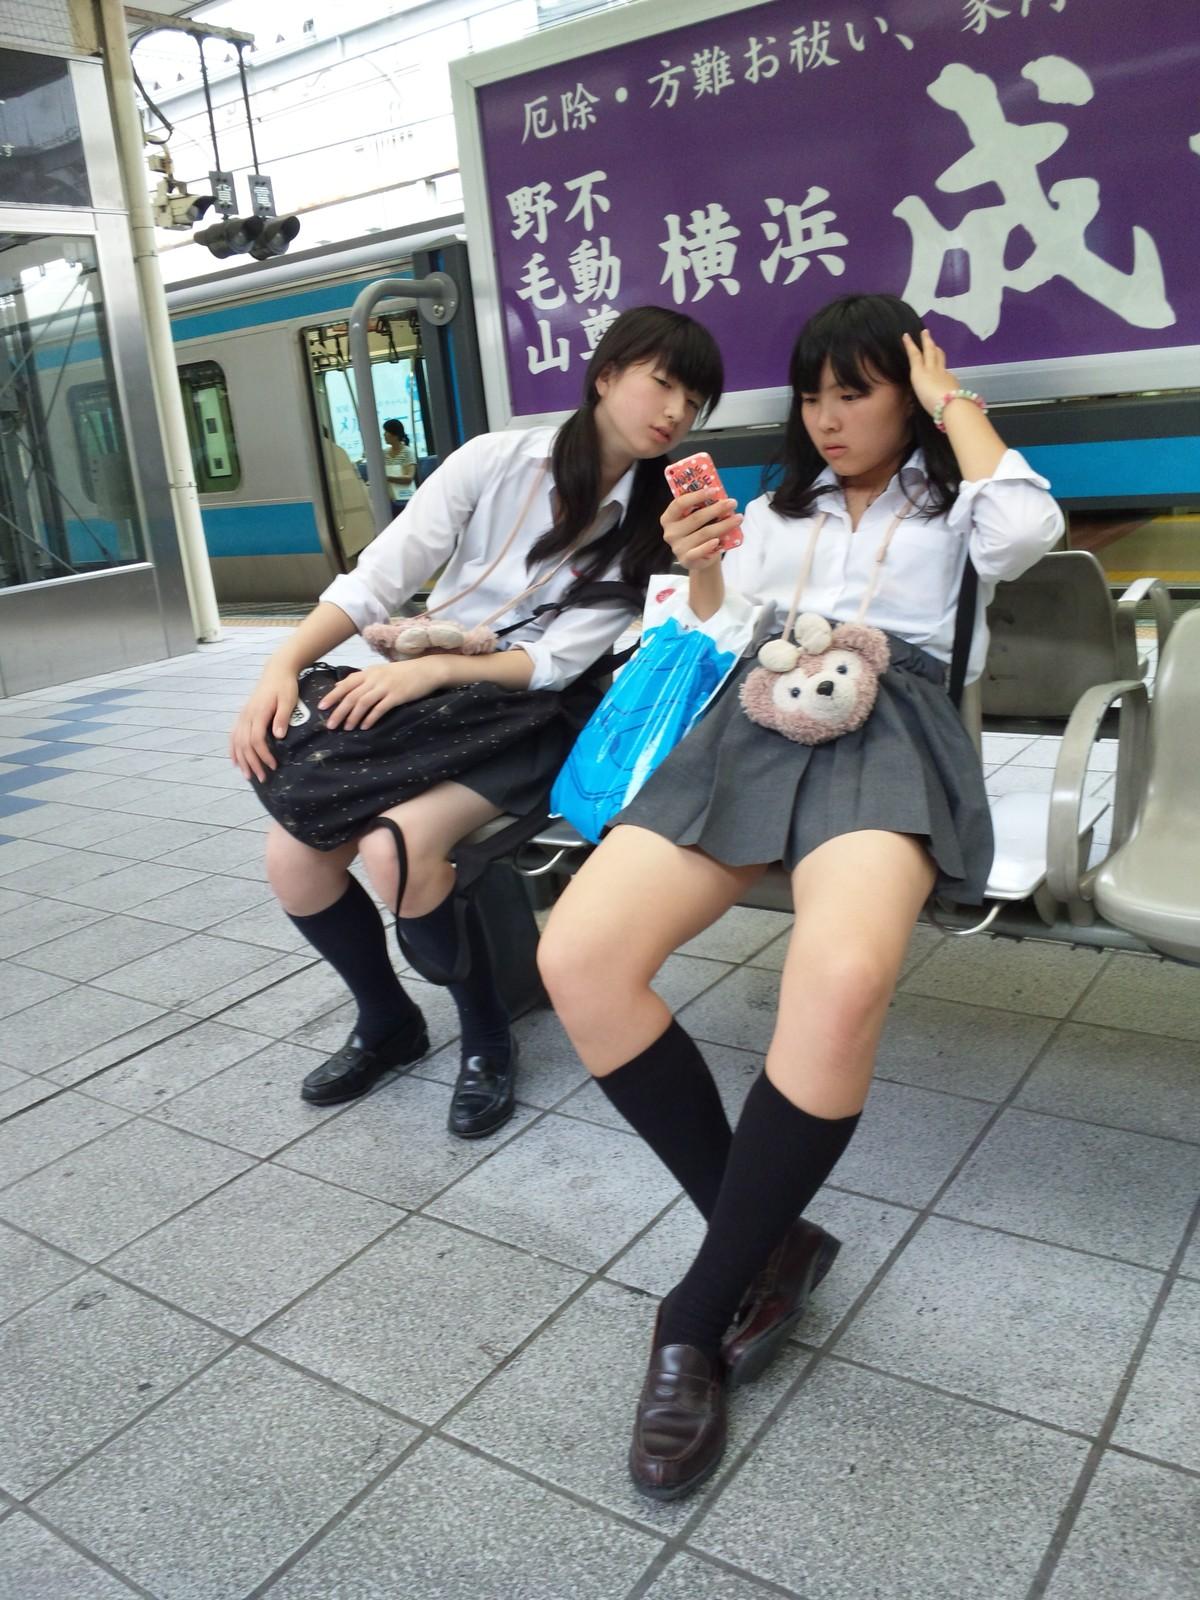 女子高生の日常風景がなんだか素敵な画像www KEeYCXS